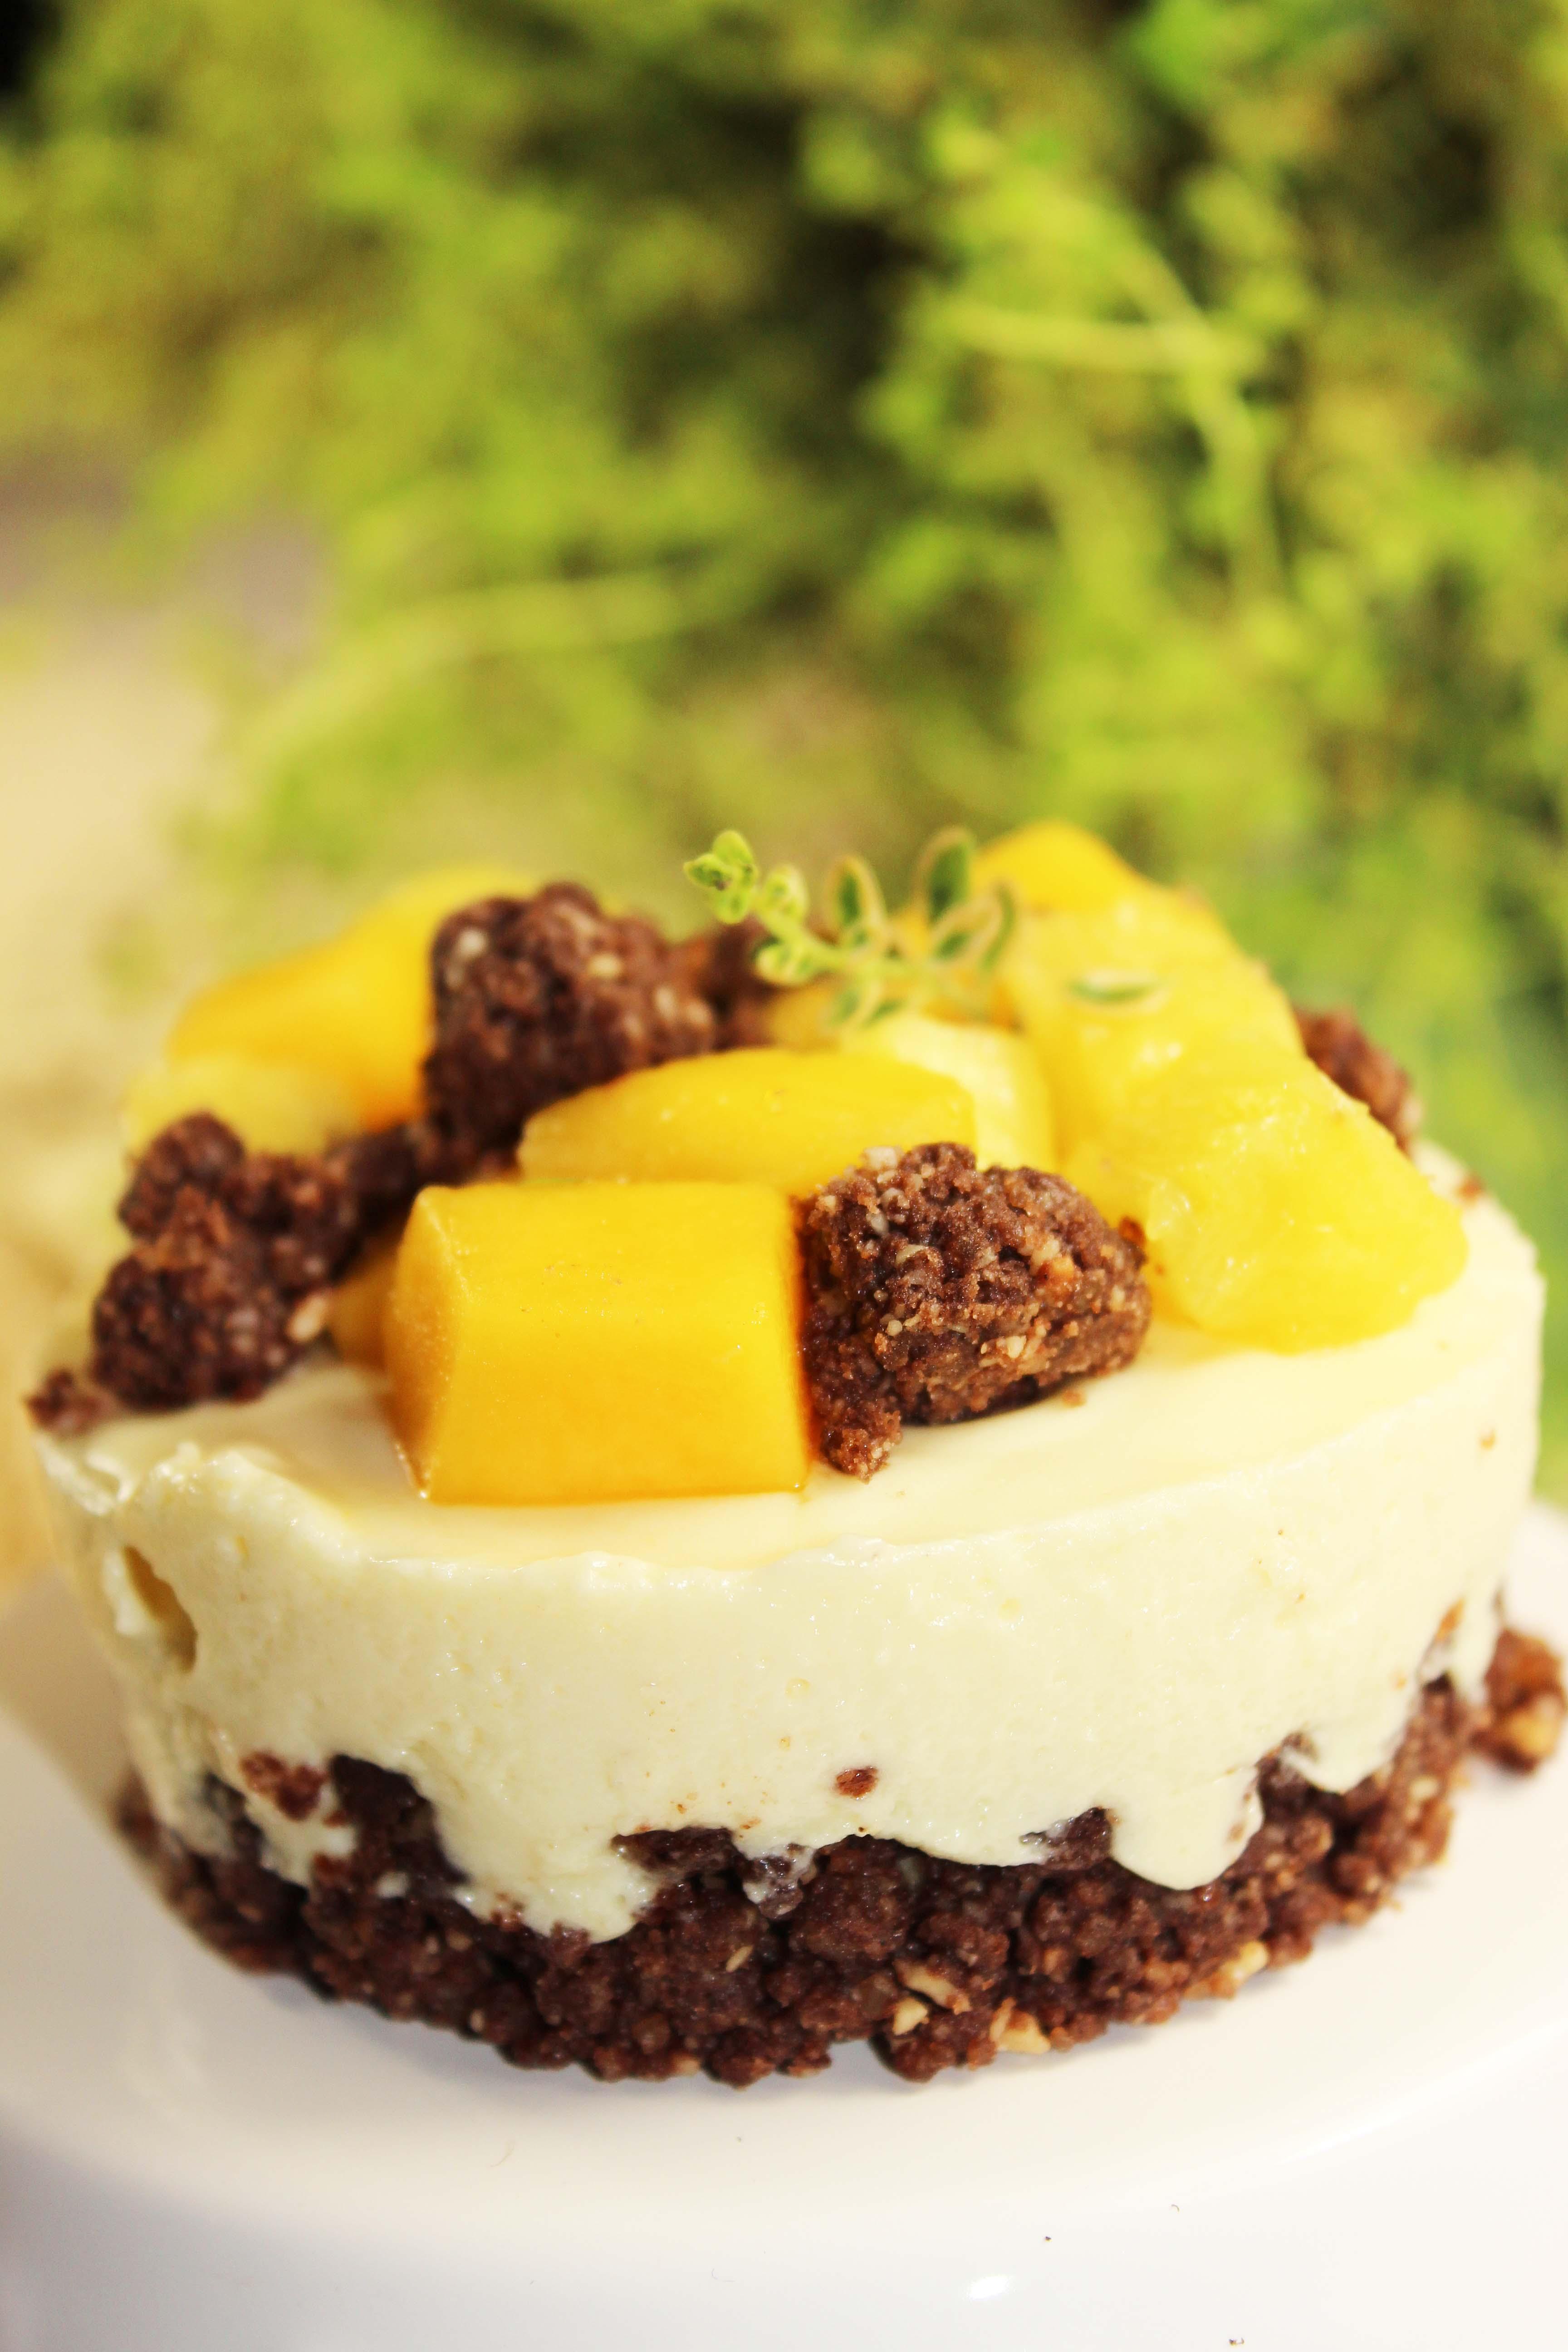 Törtchen mit weißer Schokomousse und Früchten